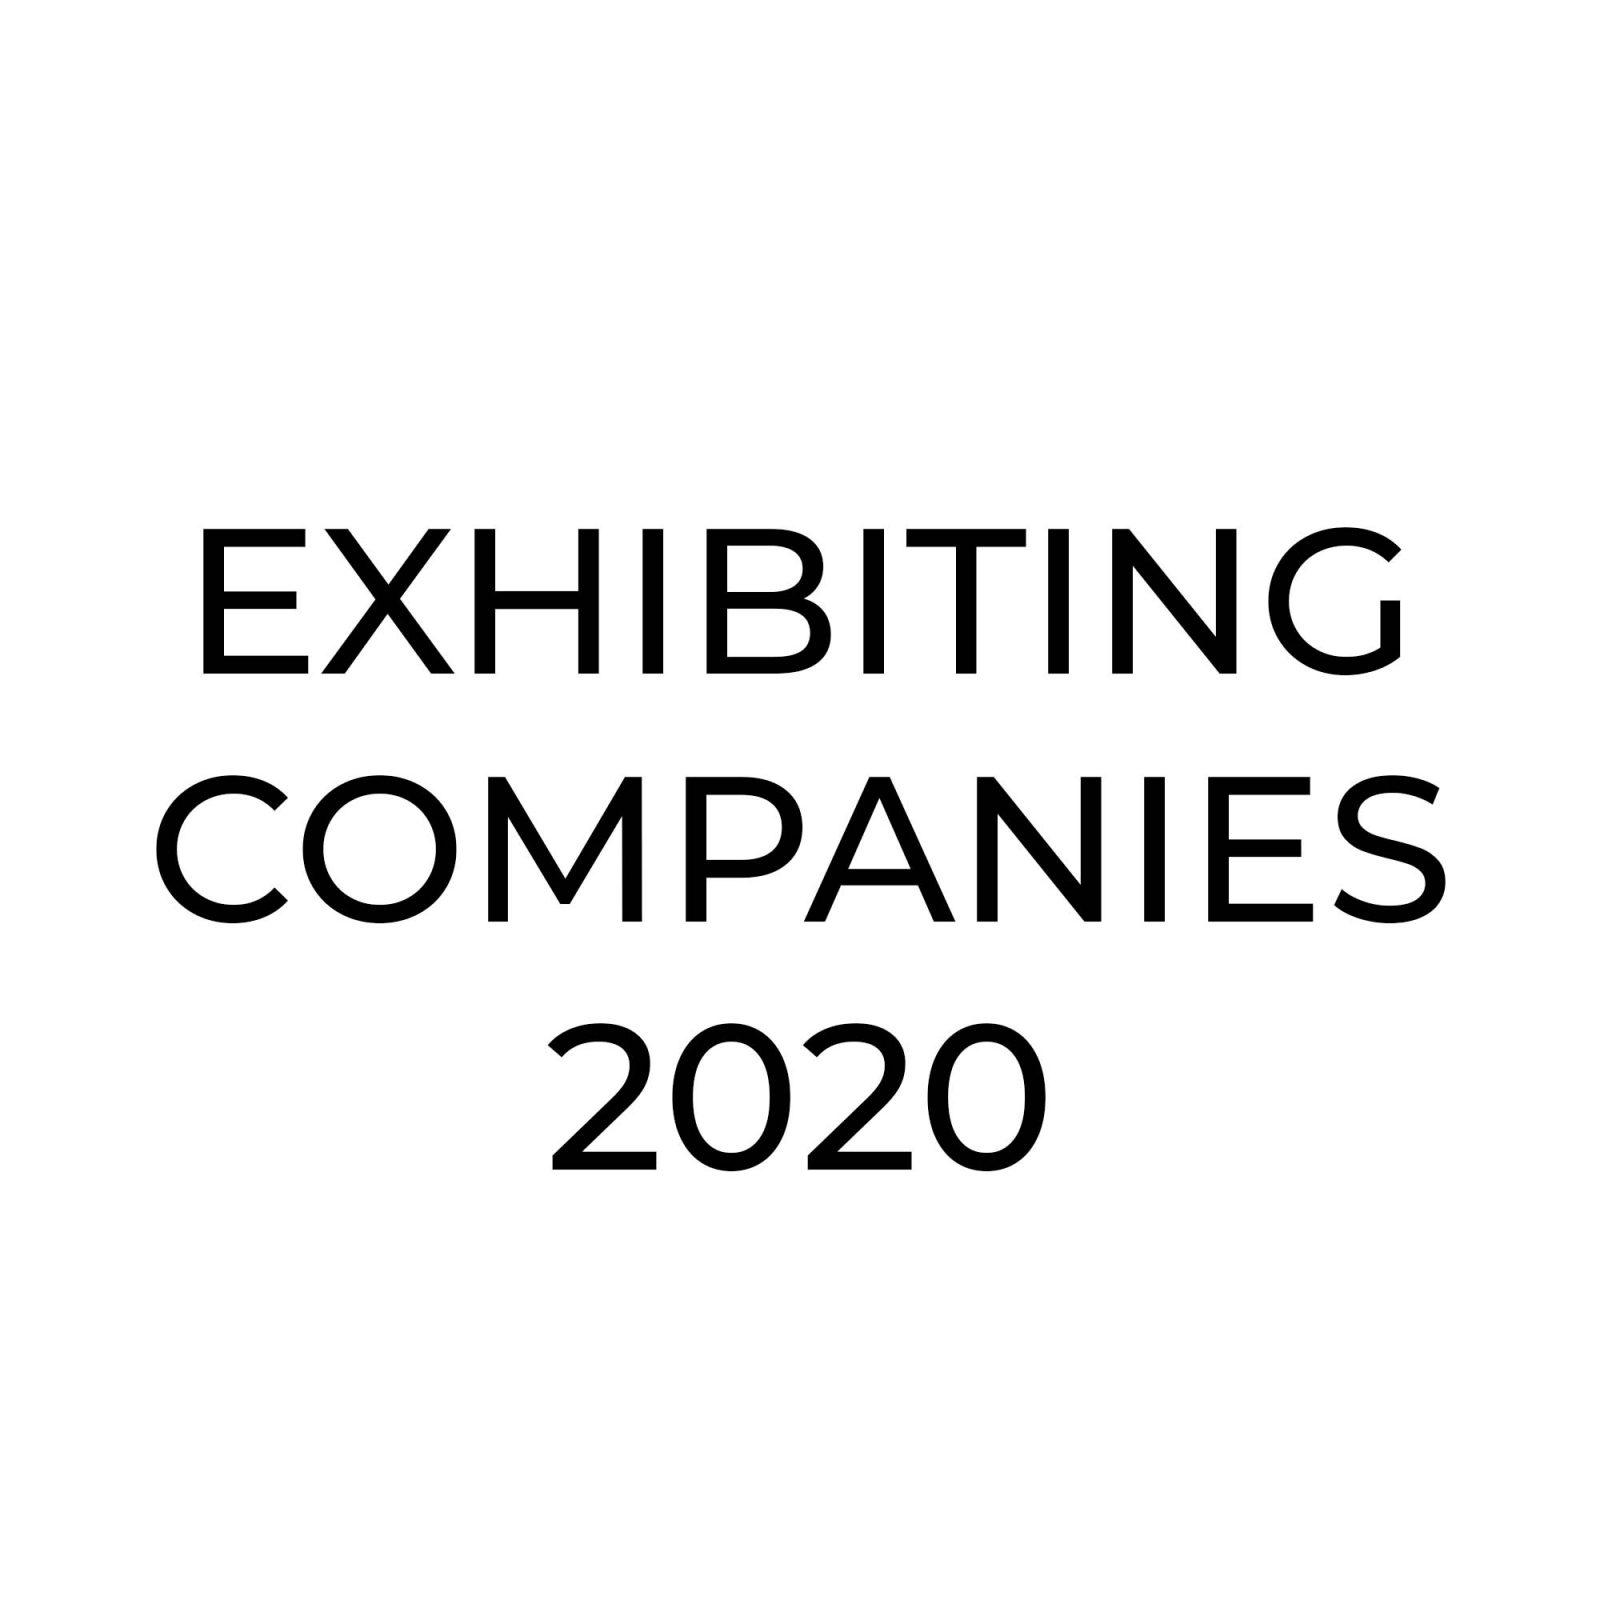 exhibiting companies